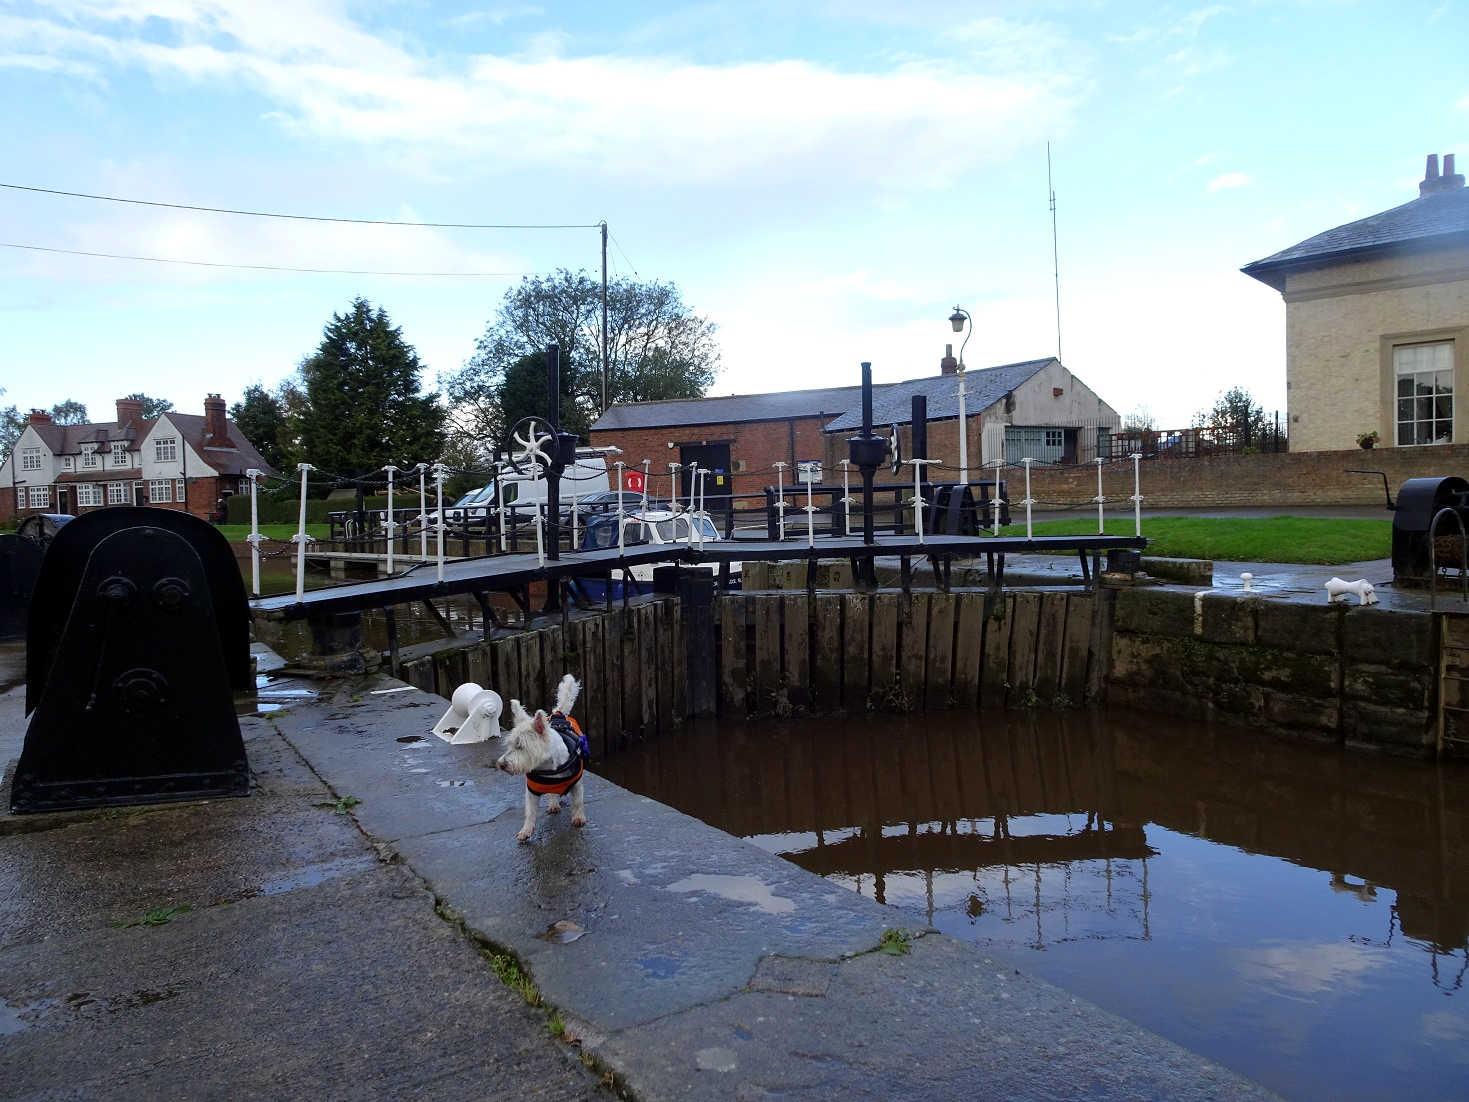 poppysocks crossing Nayburn Lock